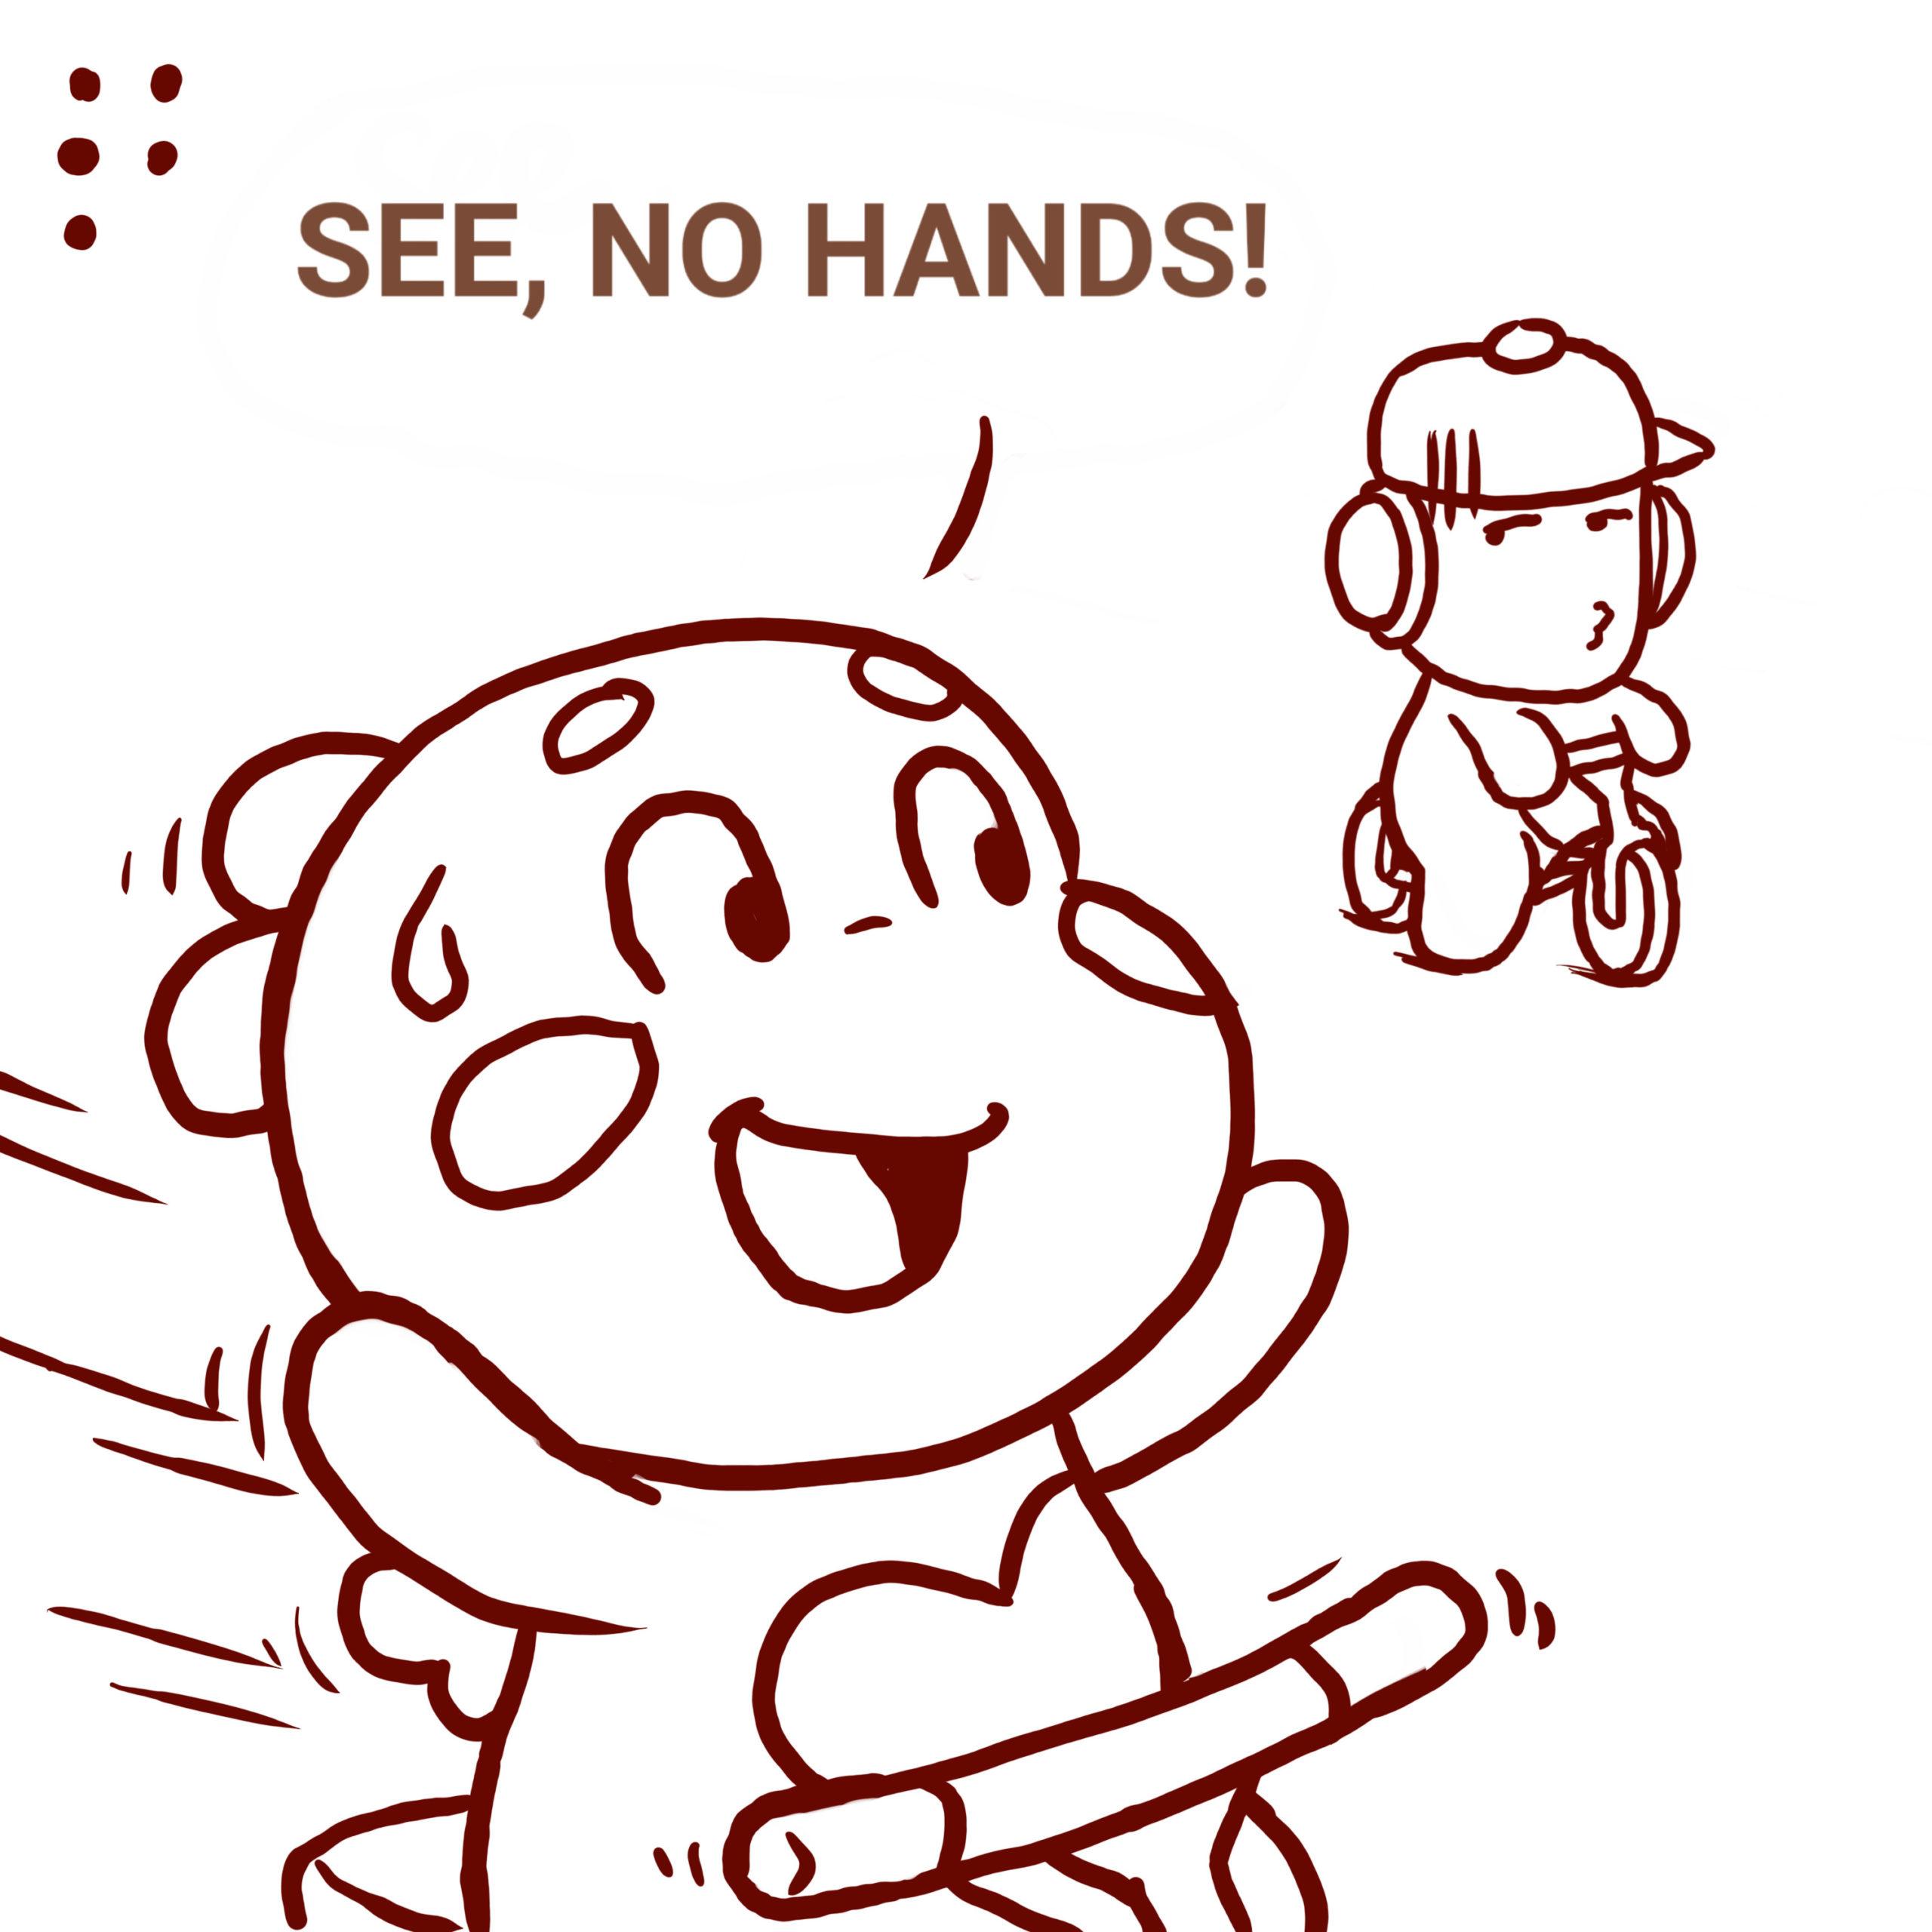 Qoobee comic 050719 5